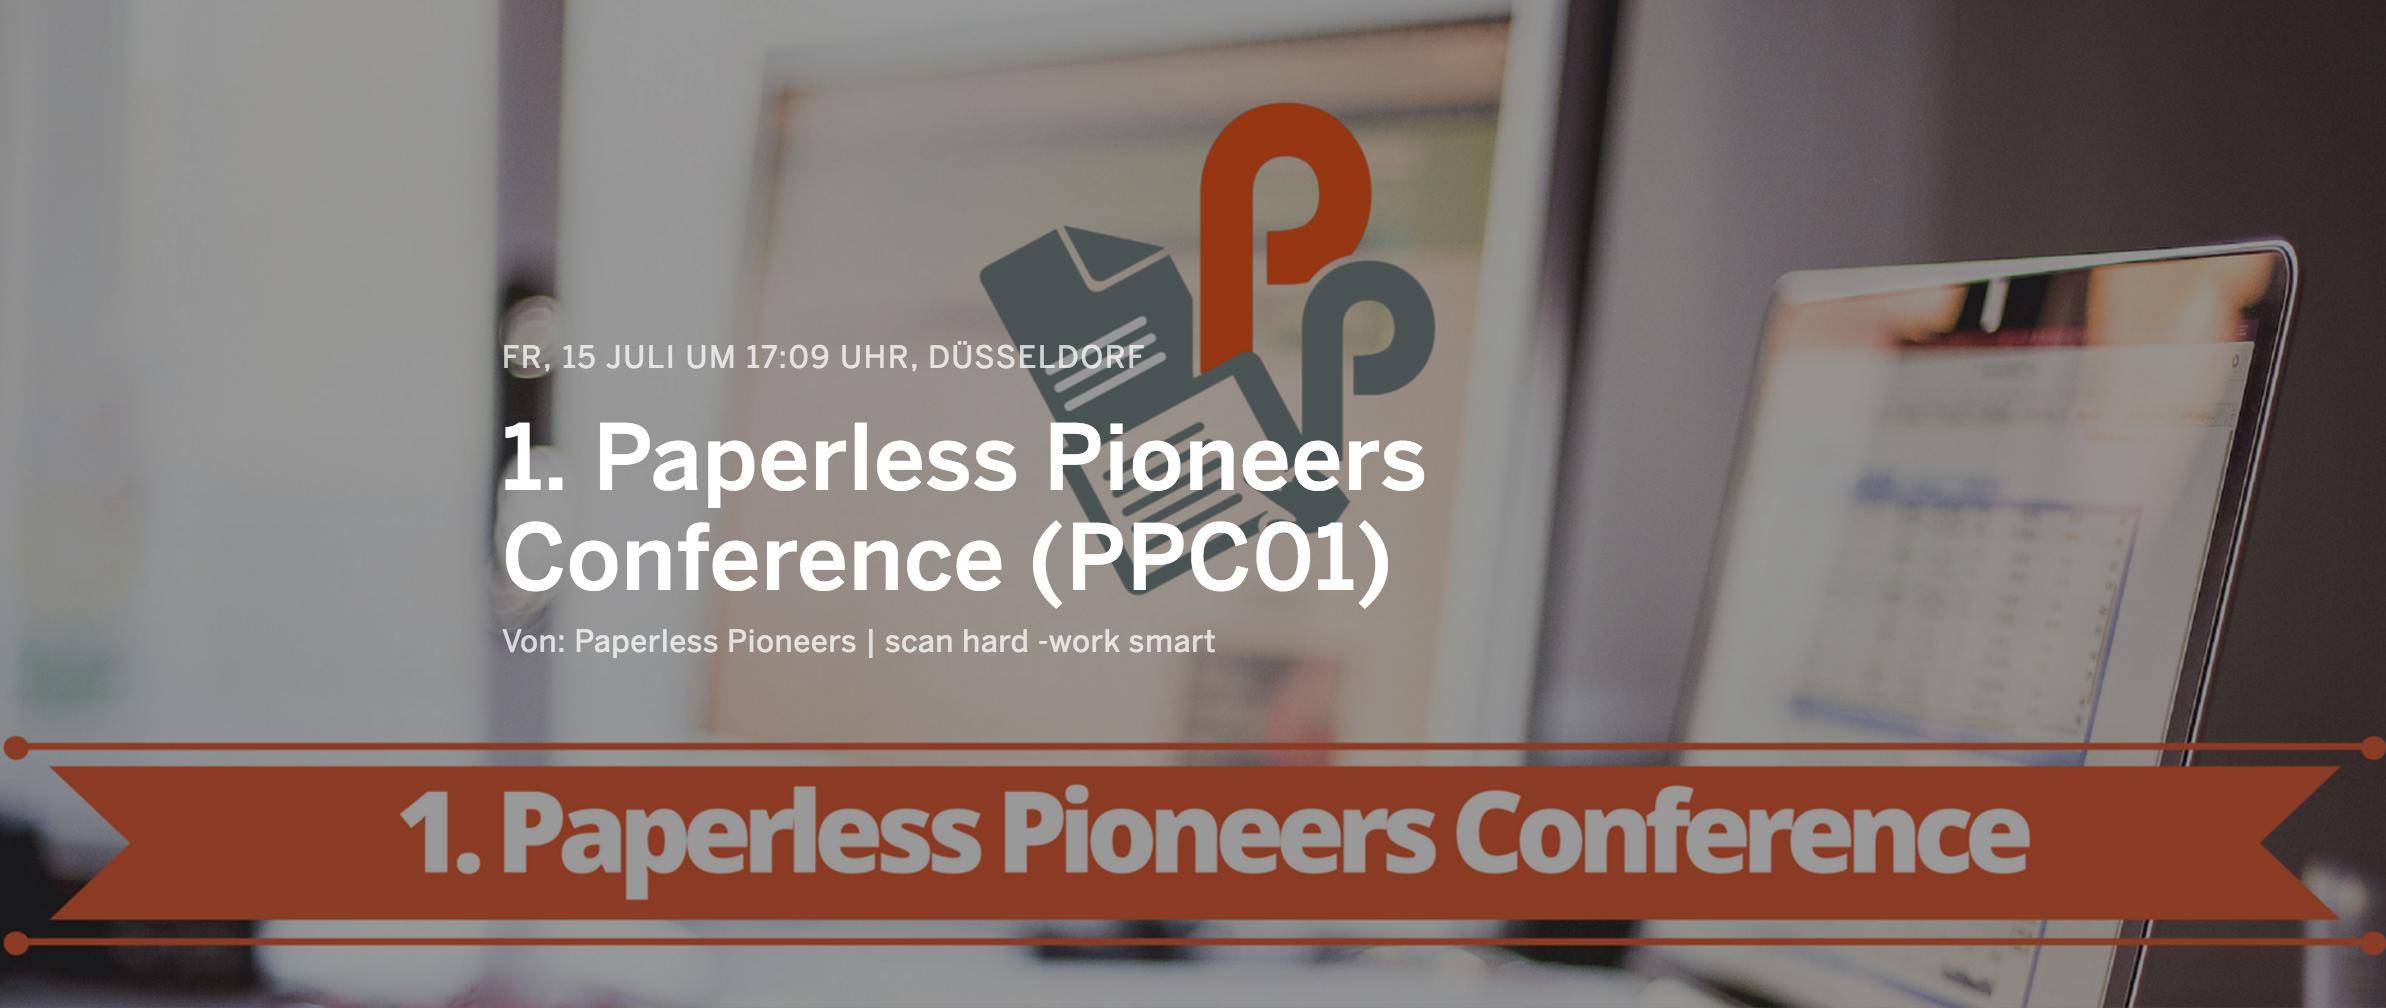 Conference zum papierlosen Büro in Düsseldorf